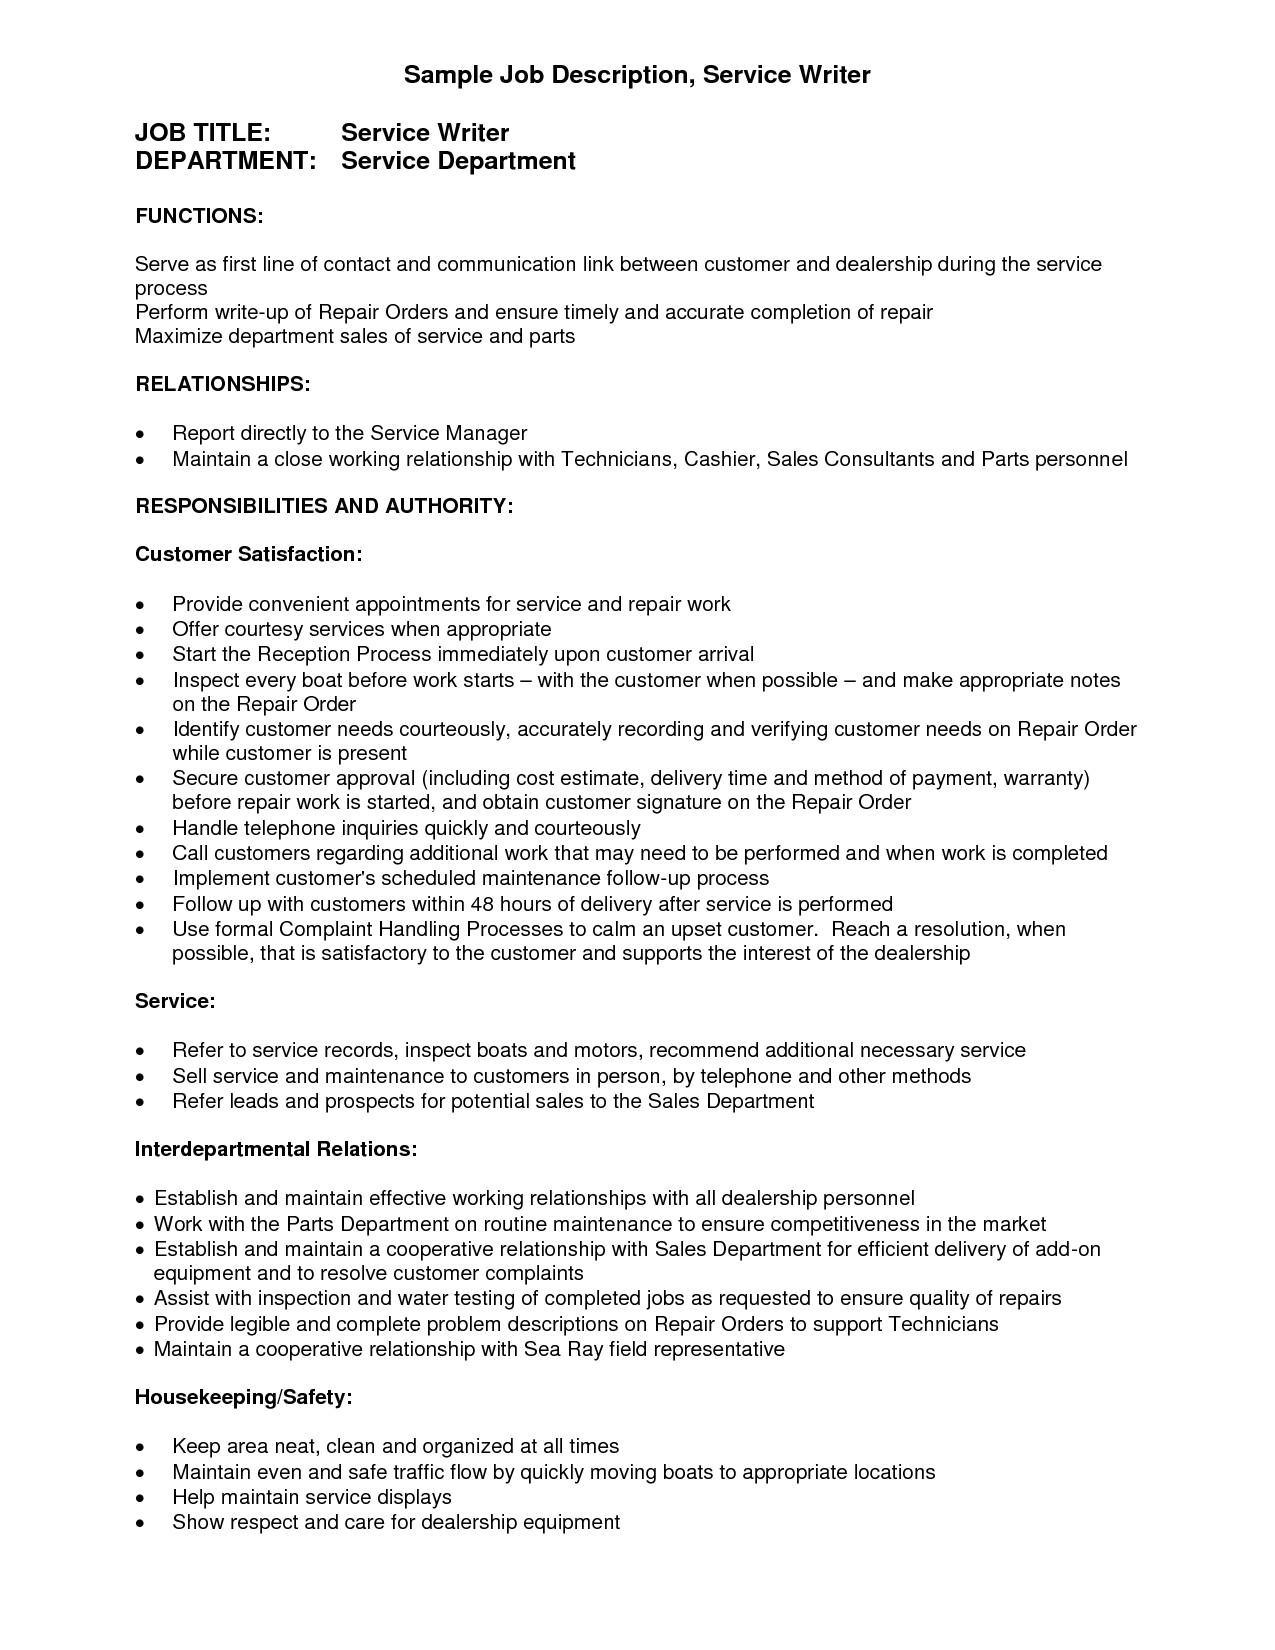 free online resume writer